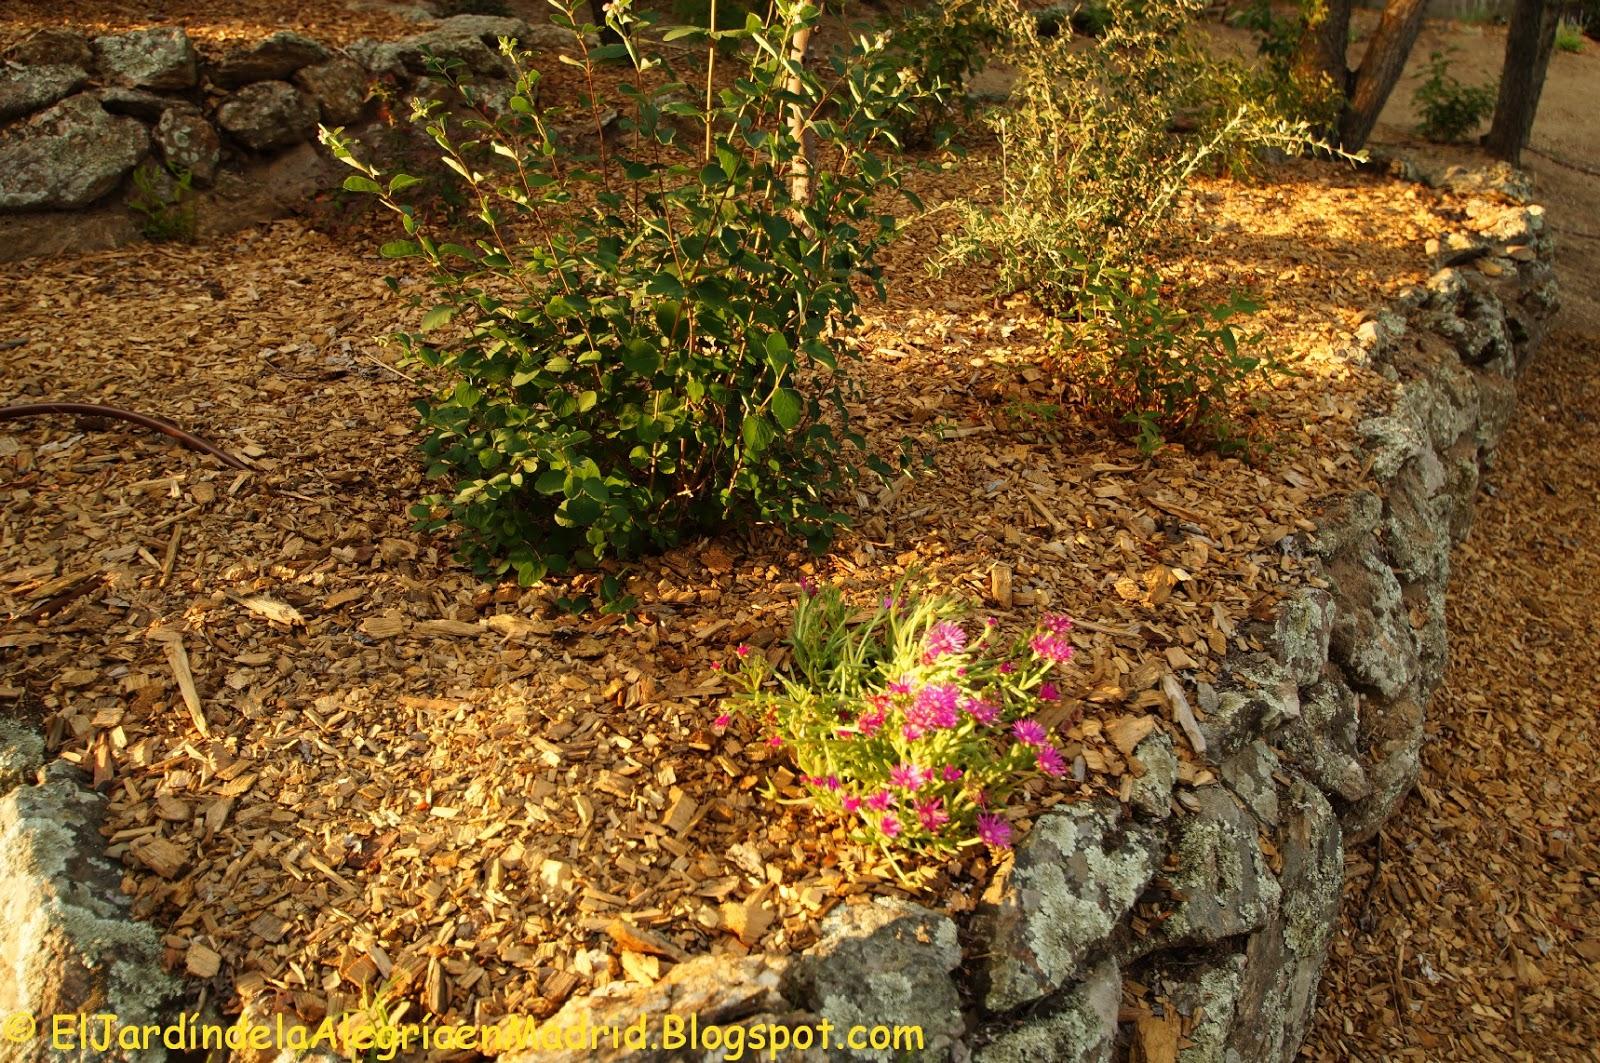 El jard n de la alegr a un corto paseo por el jard n for El jardin de la alegria cordoba